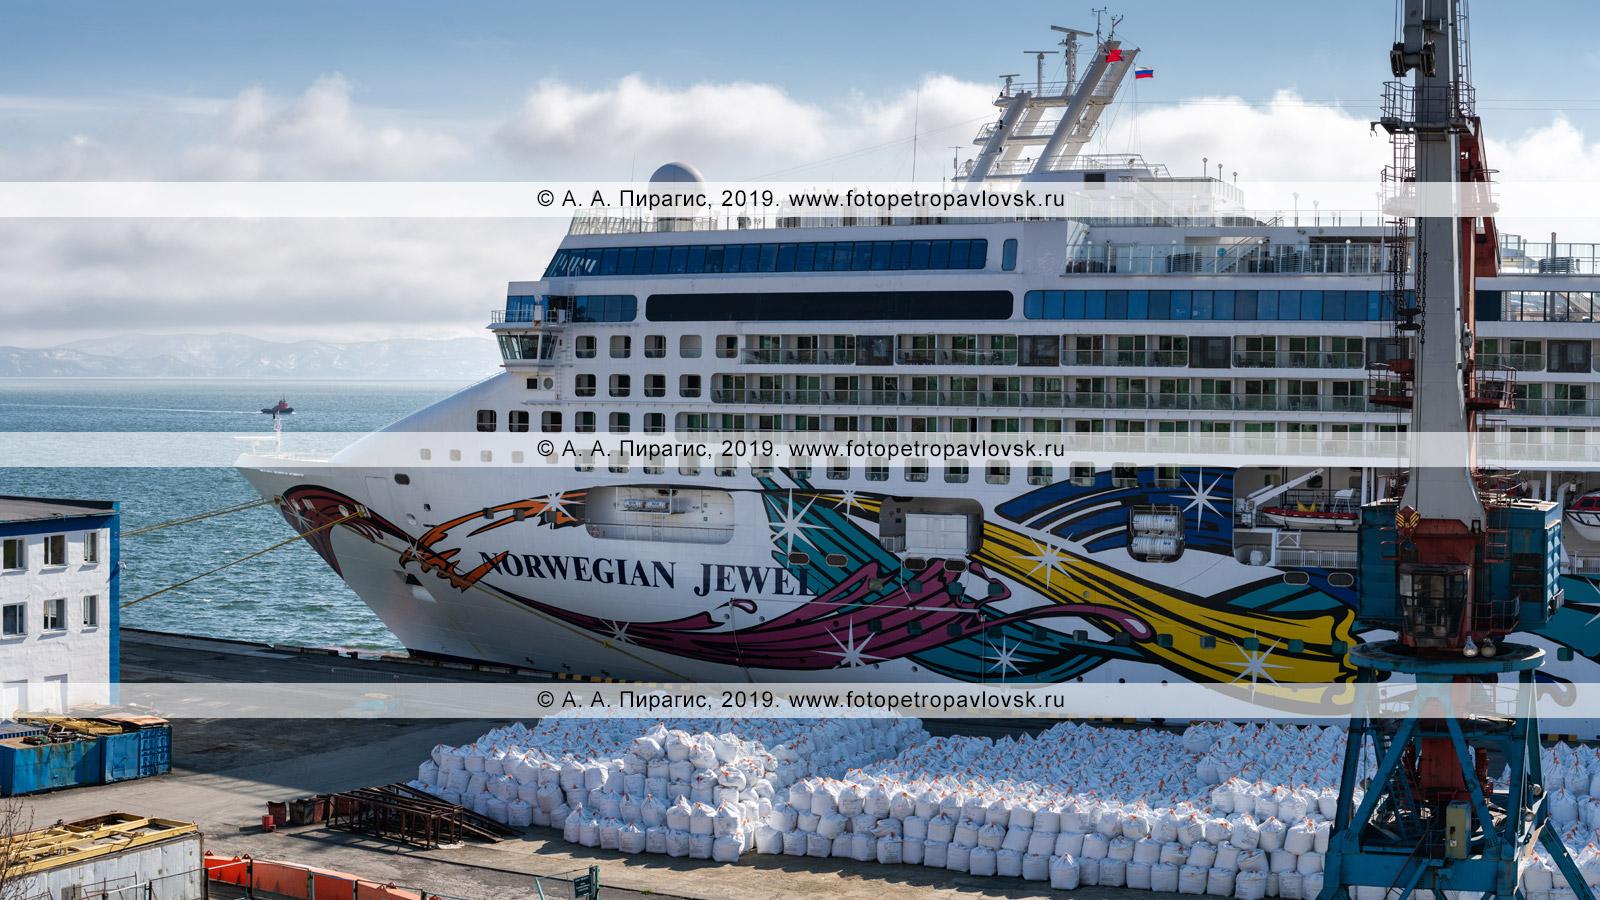 Фотография: круизный лайнер Norwegian Jewel. Полуостров Камчатка, Петропавловск-Камчатский морской торговый порт